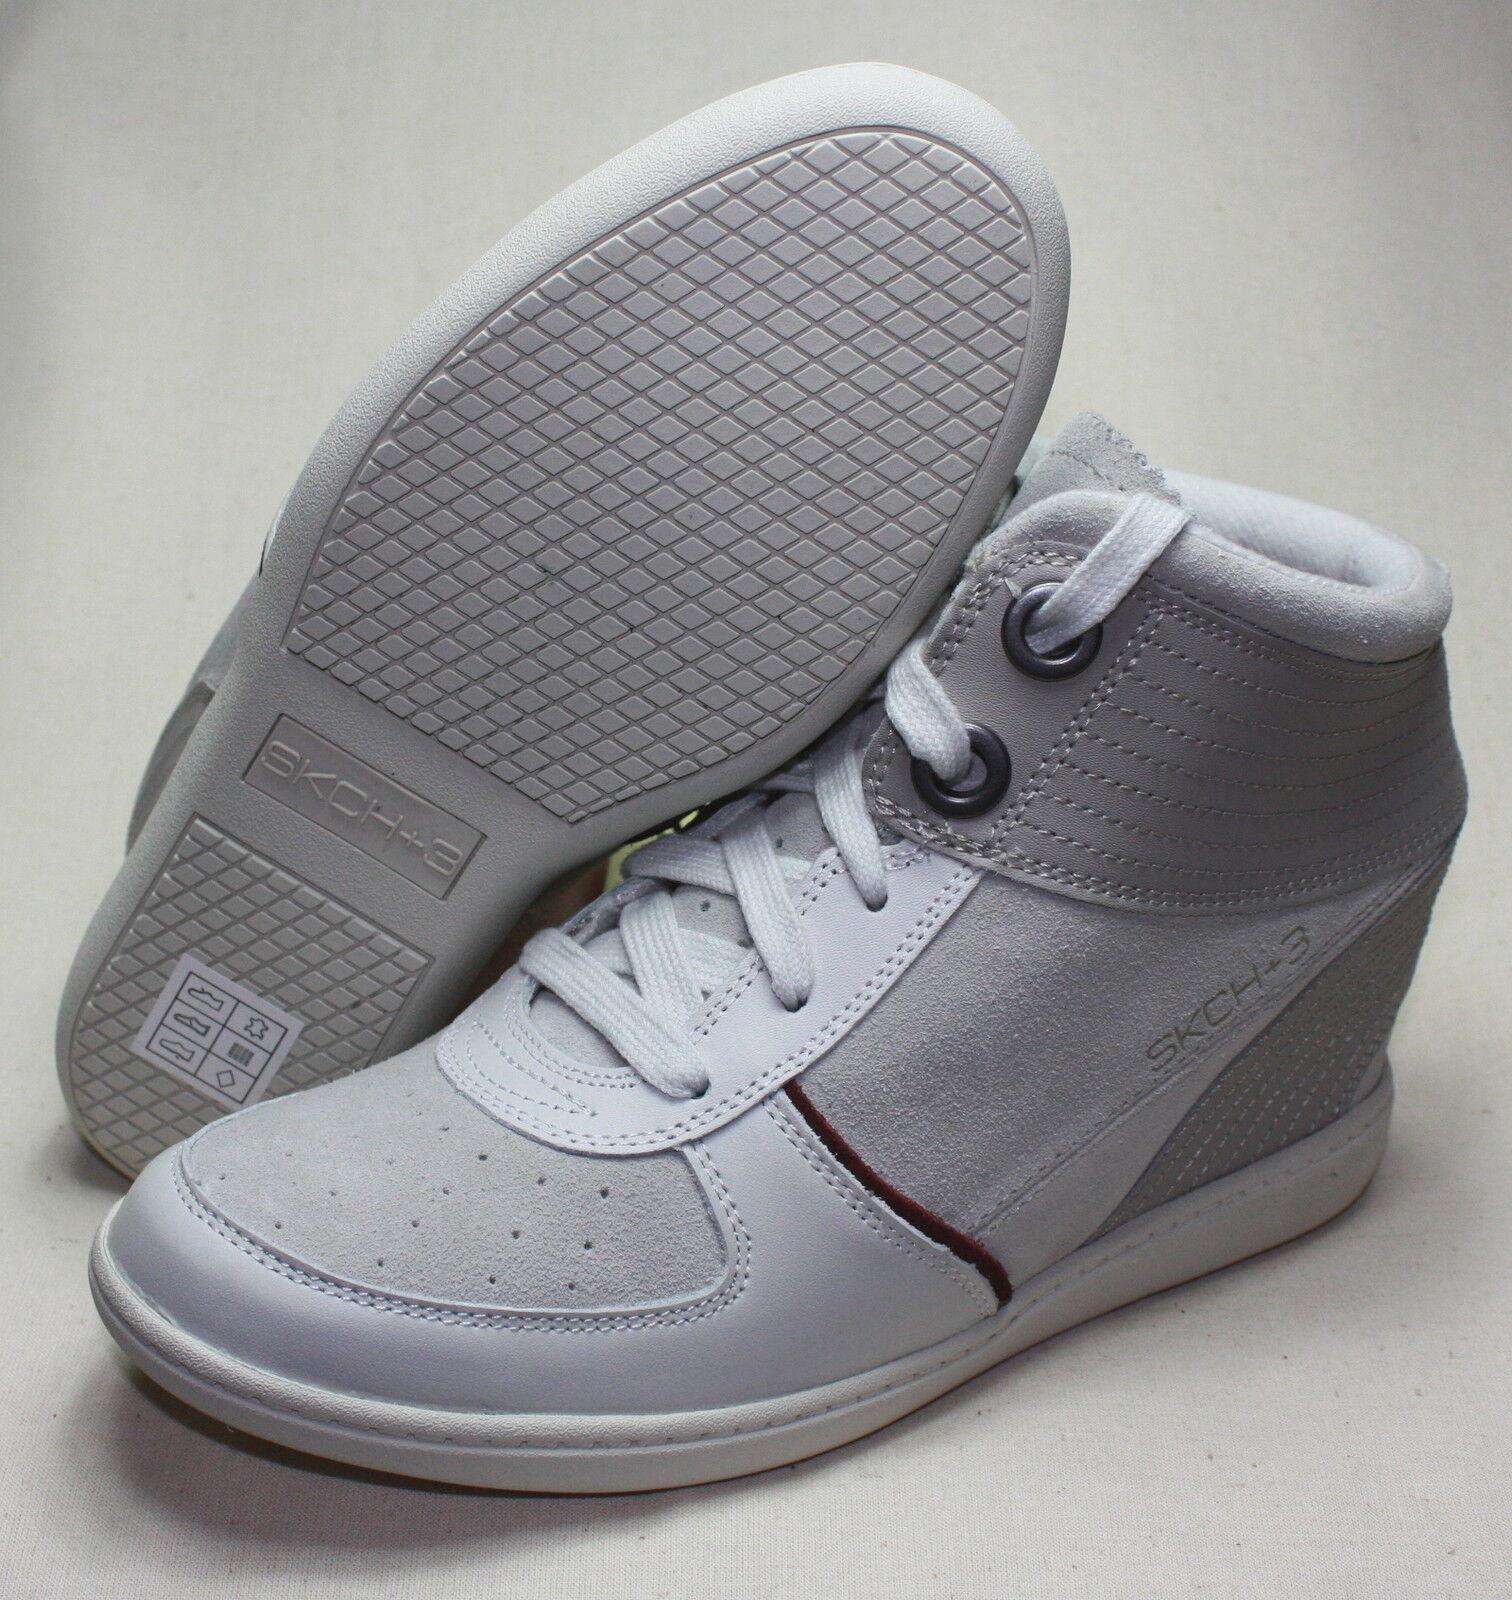 SKECHERS SKCH+3  Keil-Sneaker WLGY weiß komb. Gr.39